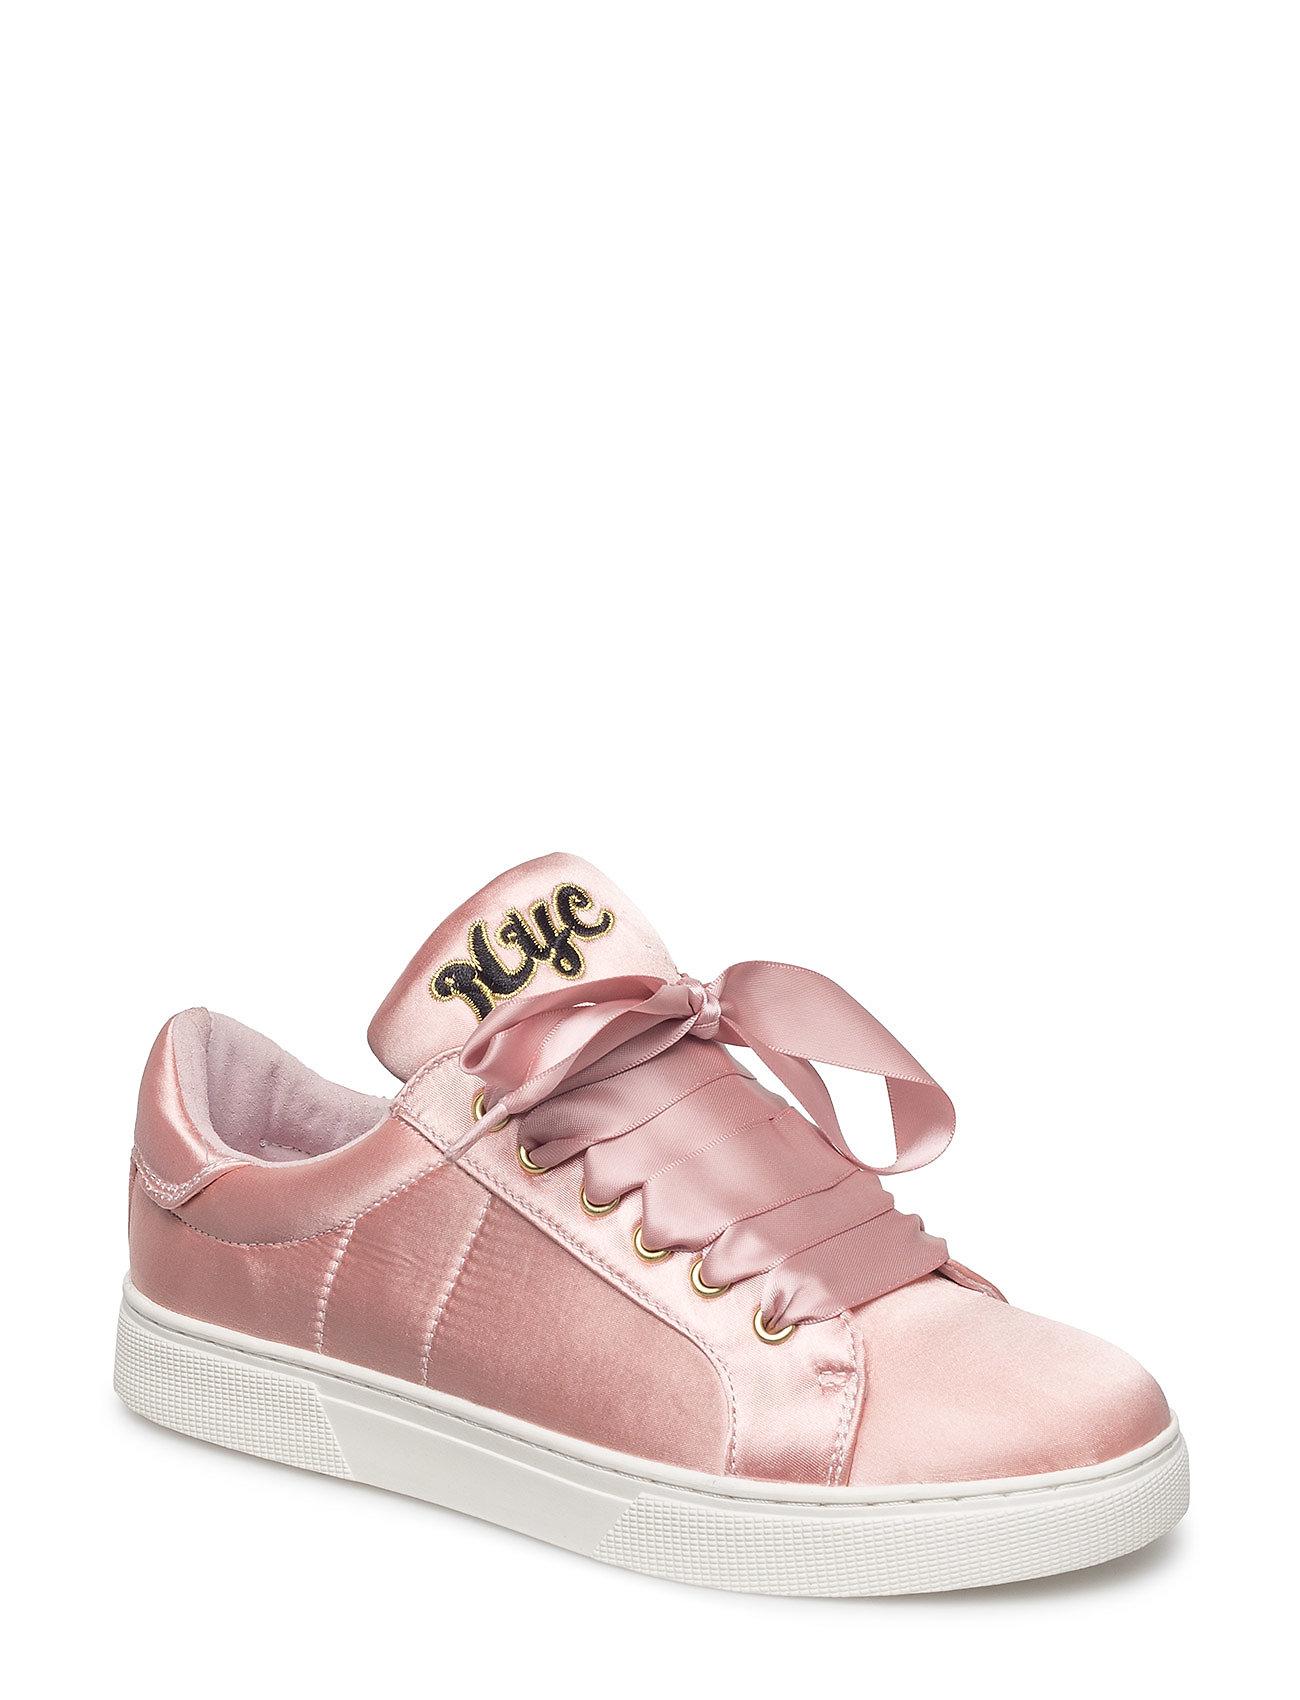 Sofie Schnoor Shoe Sneak satin NYC